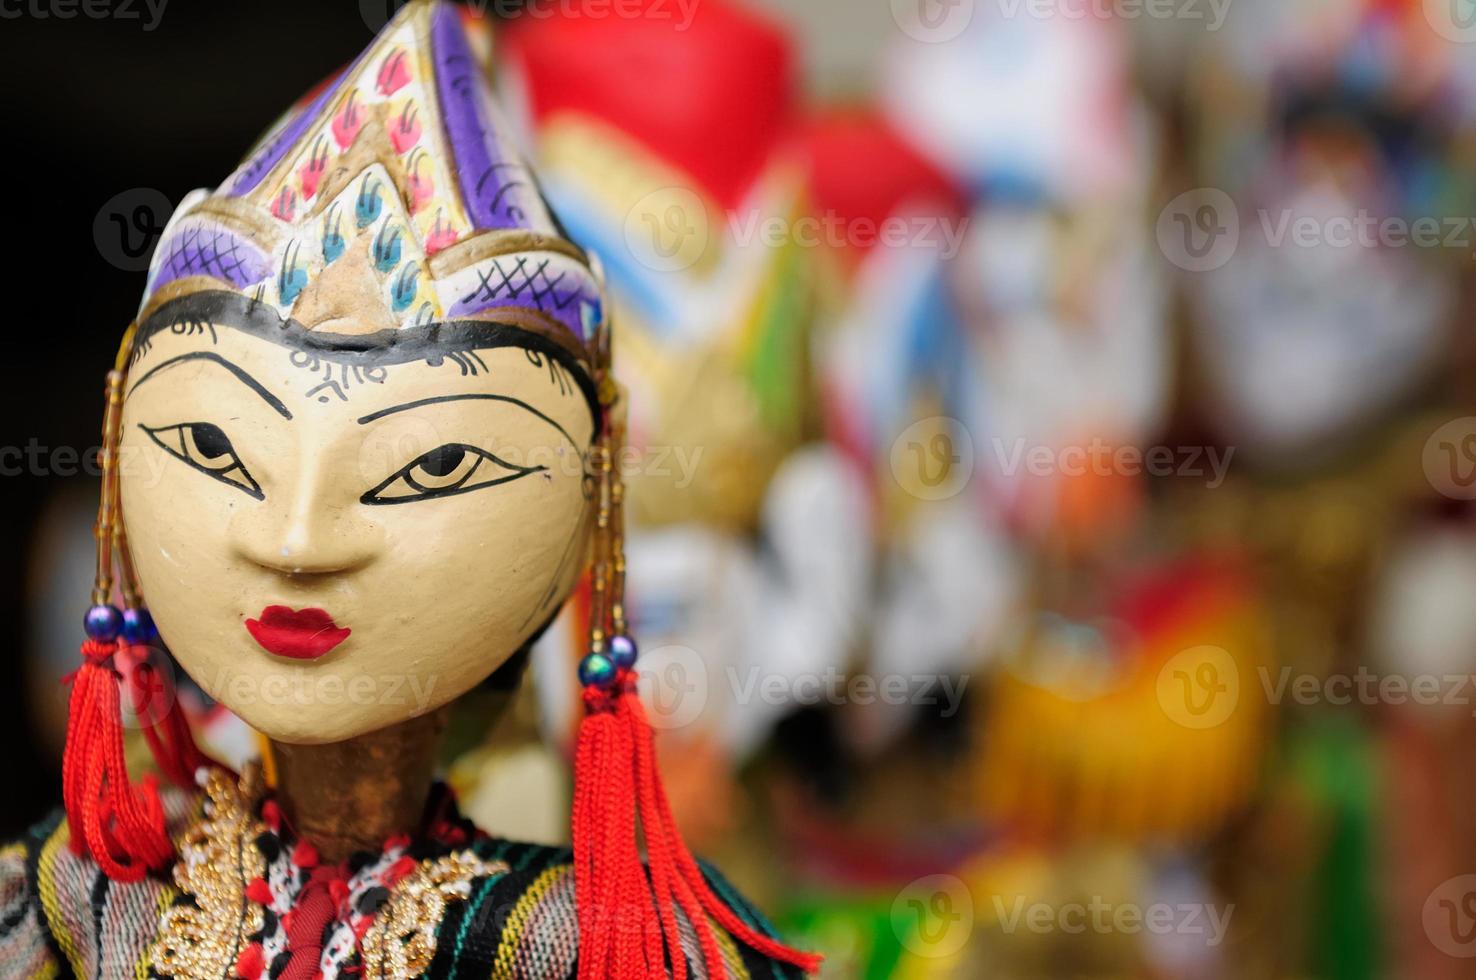 indonésie, bali, marionnette traditionnelle photo